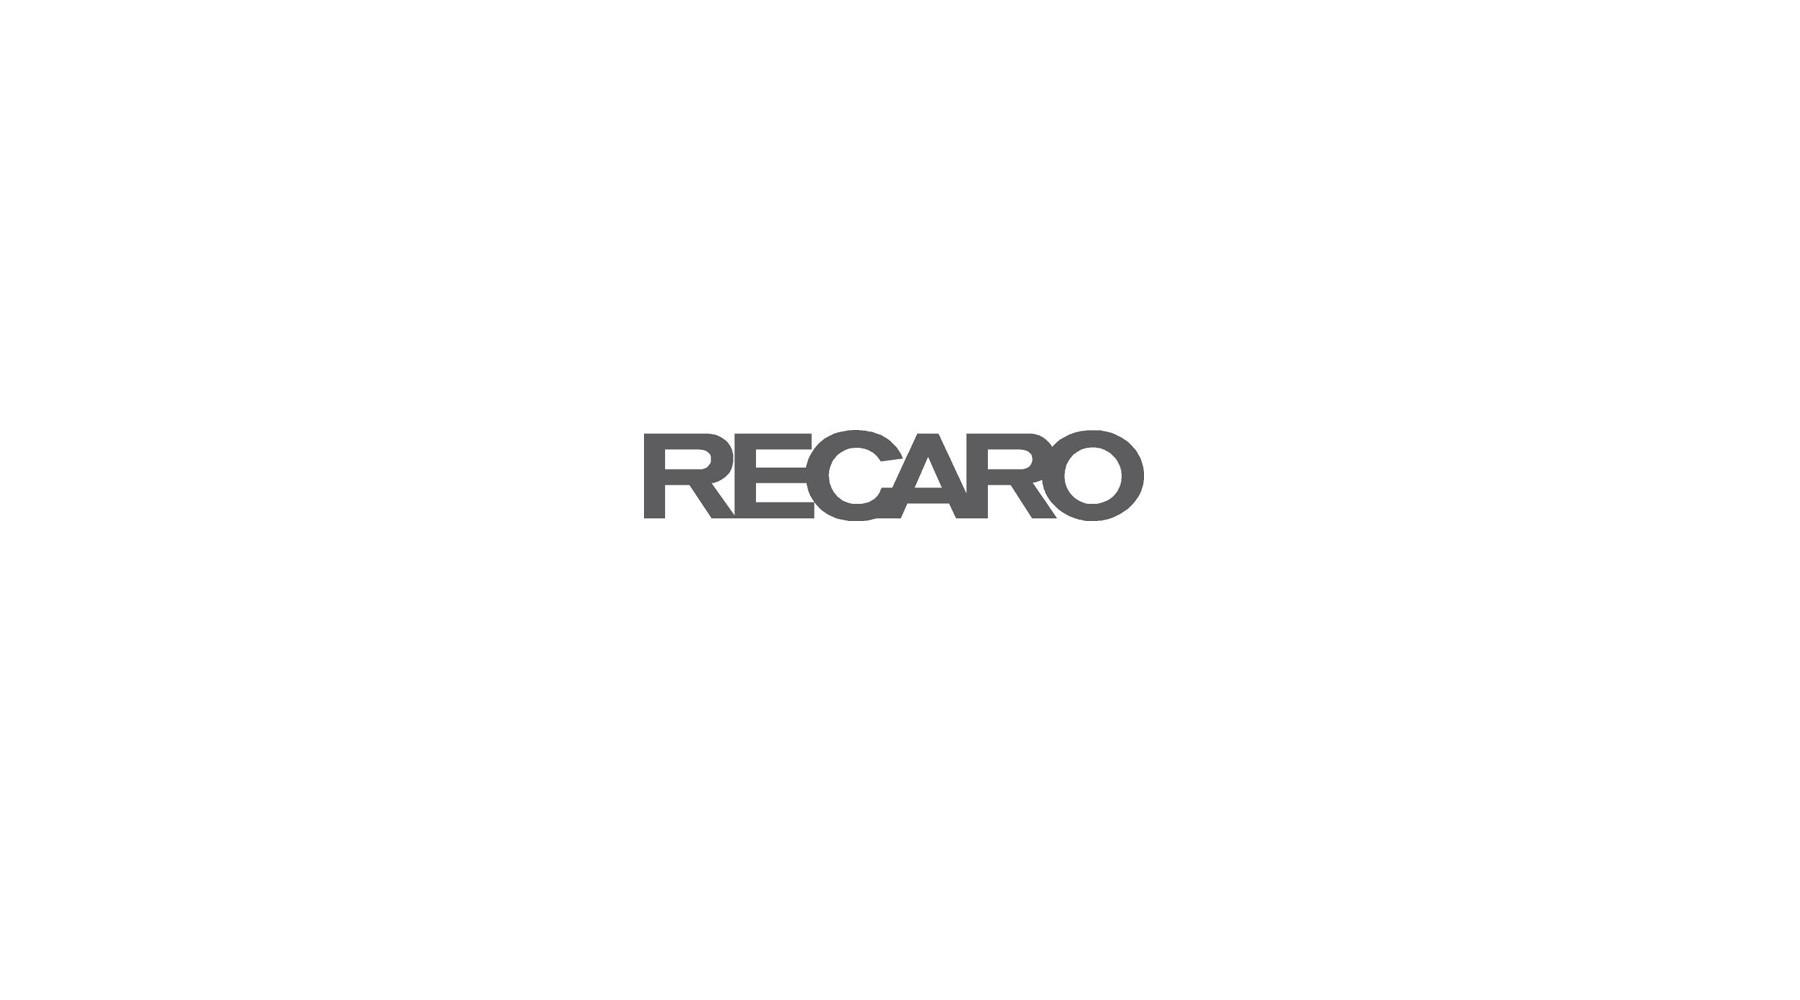 RECARO Aircraft